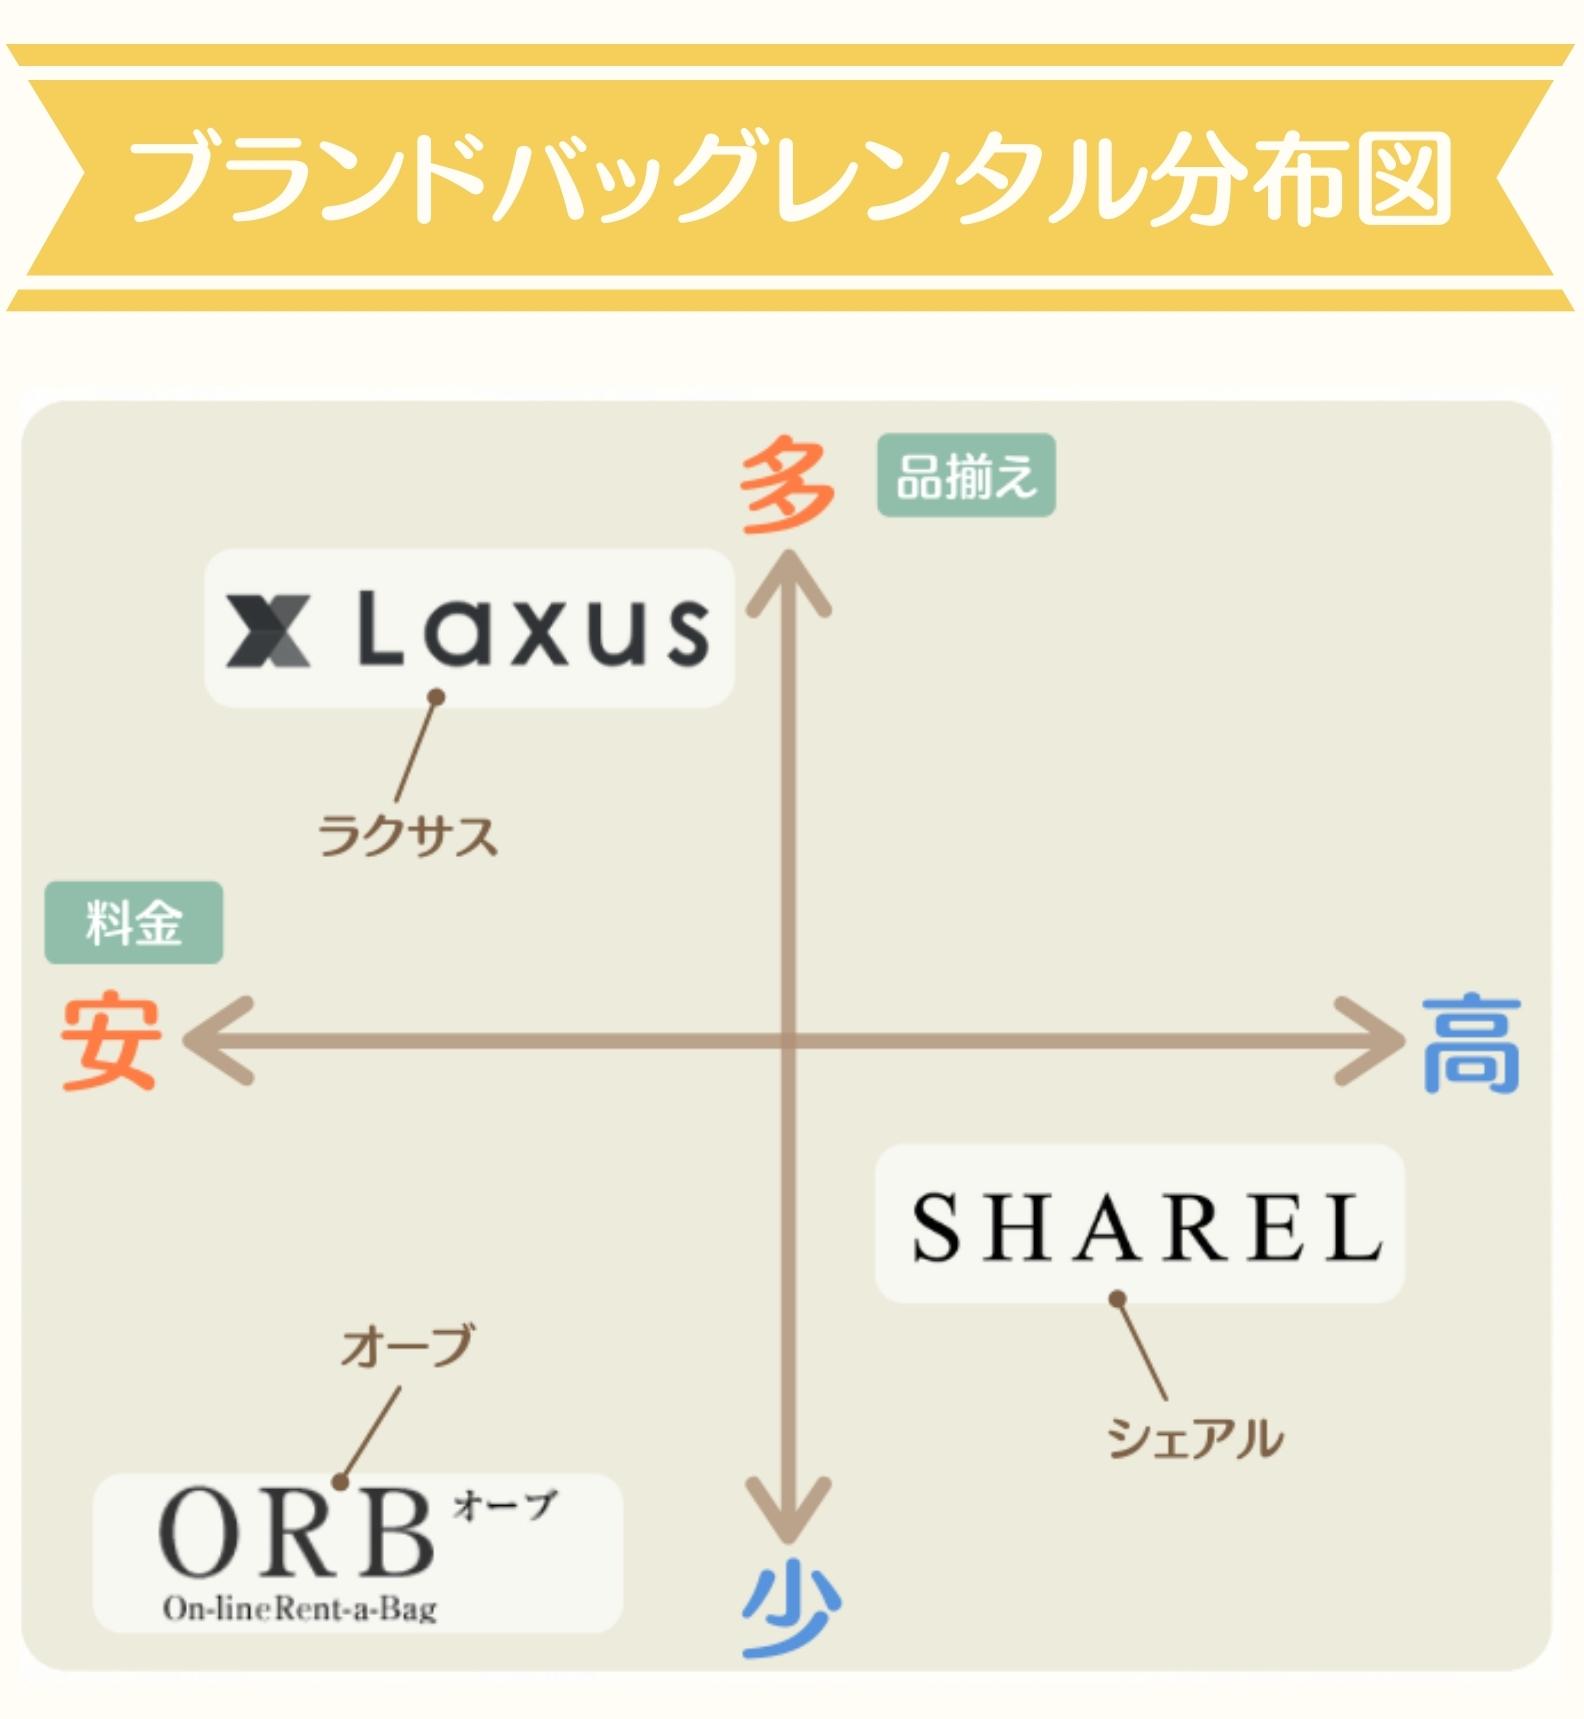 ブランドバッグレンタル分布図1